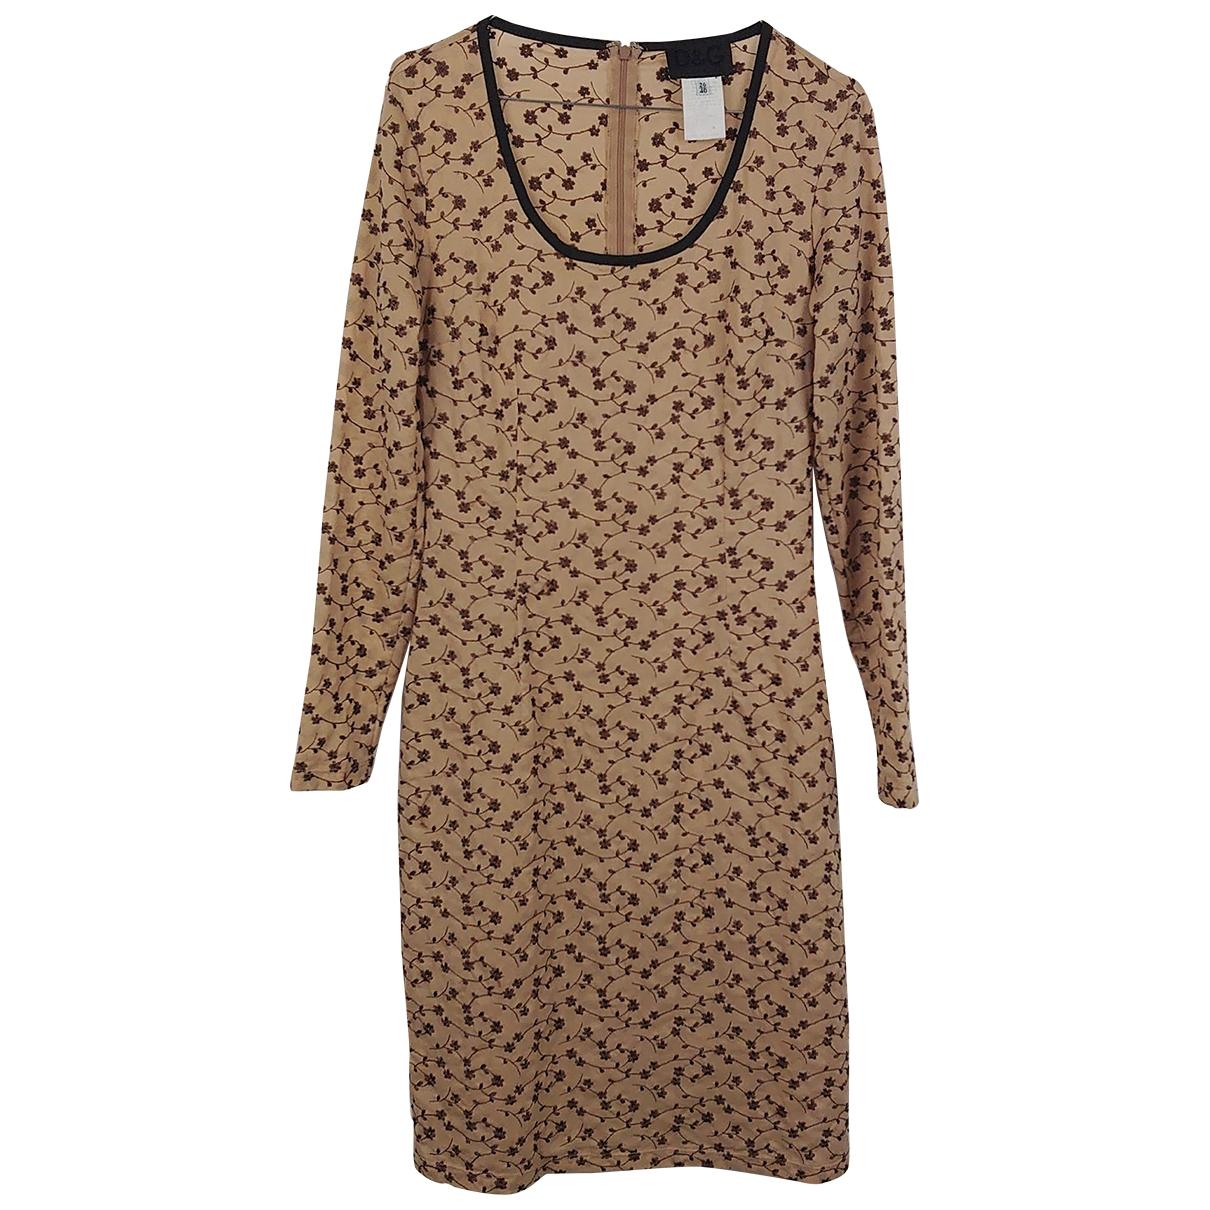 D&g - Robe   pour femme - beige